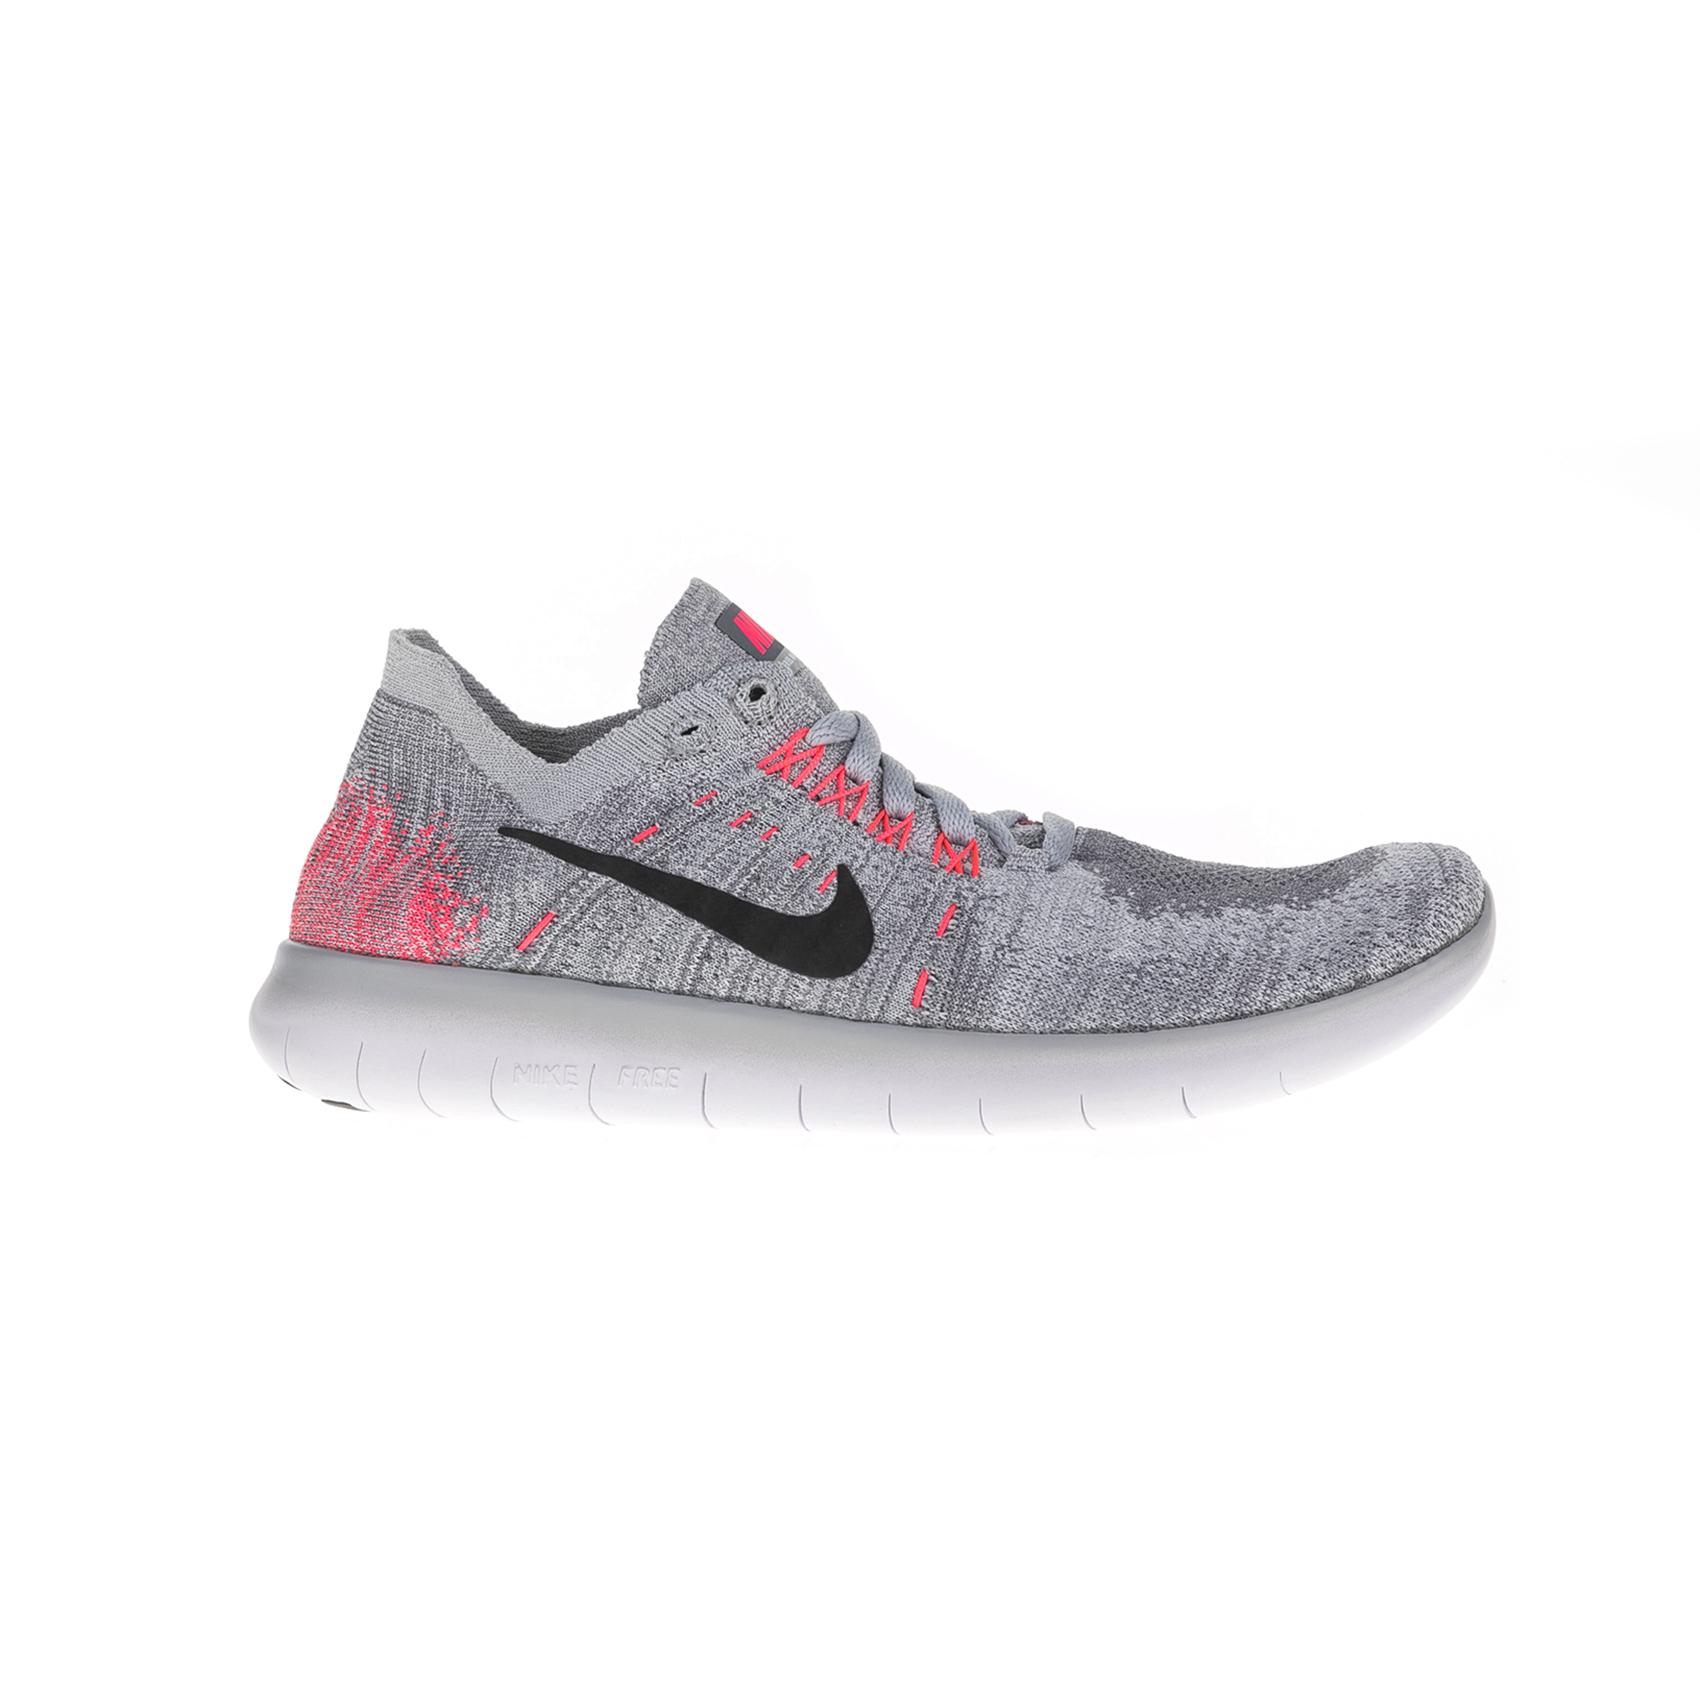 NIKE – Παιδικά αθλητικά παπούτσια Nike FREE RN FLYKNIT 2017 (GS) γκρι – κόκκινα